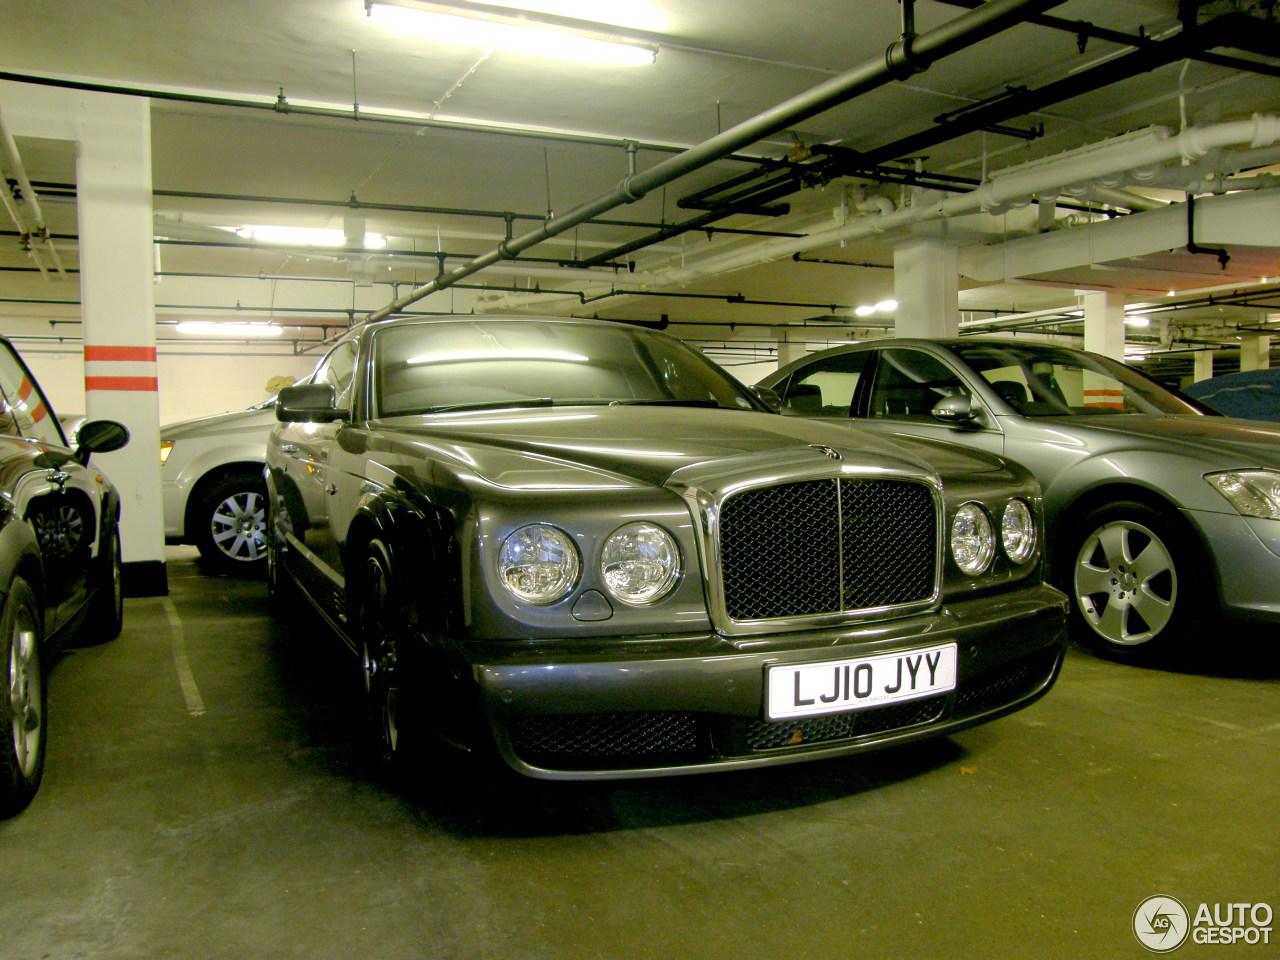 Bentley brooklands 2008 21 november 2012 autogespot 1 i bentley brooklands 2008 1 vanachro Choice Image